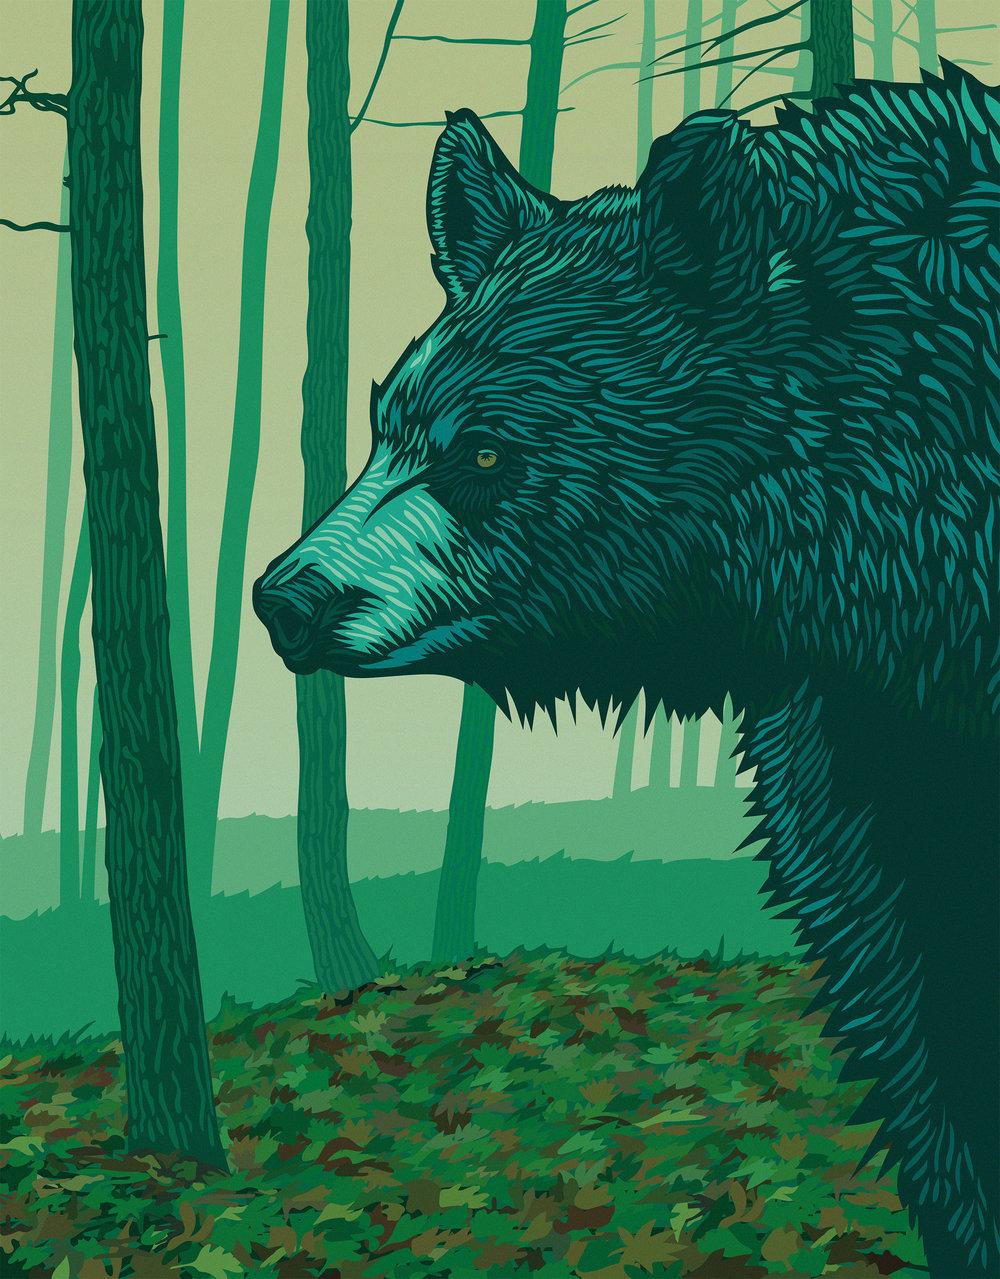 Bear-Illustration.jpg